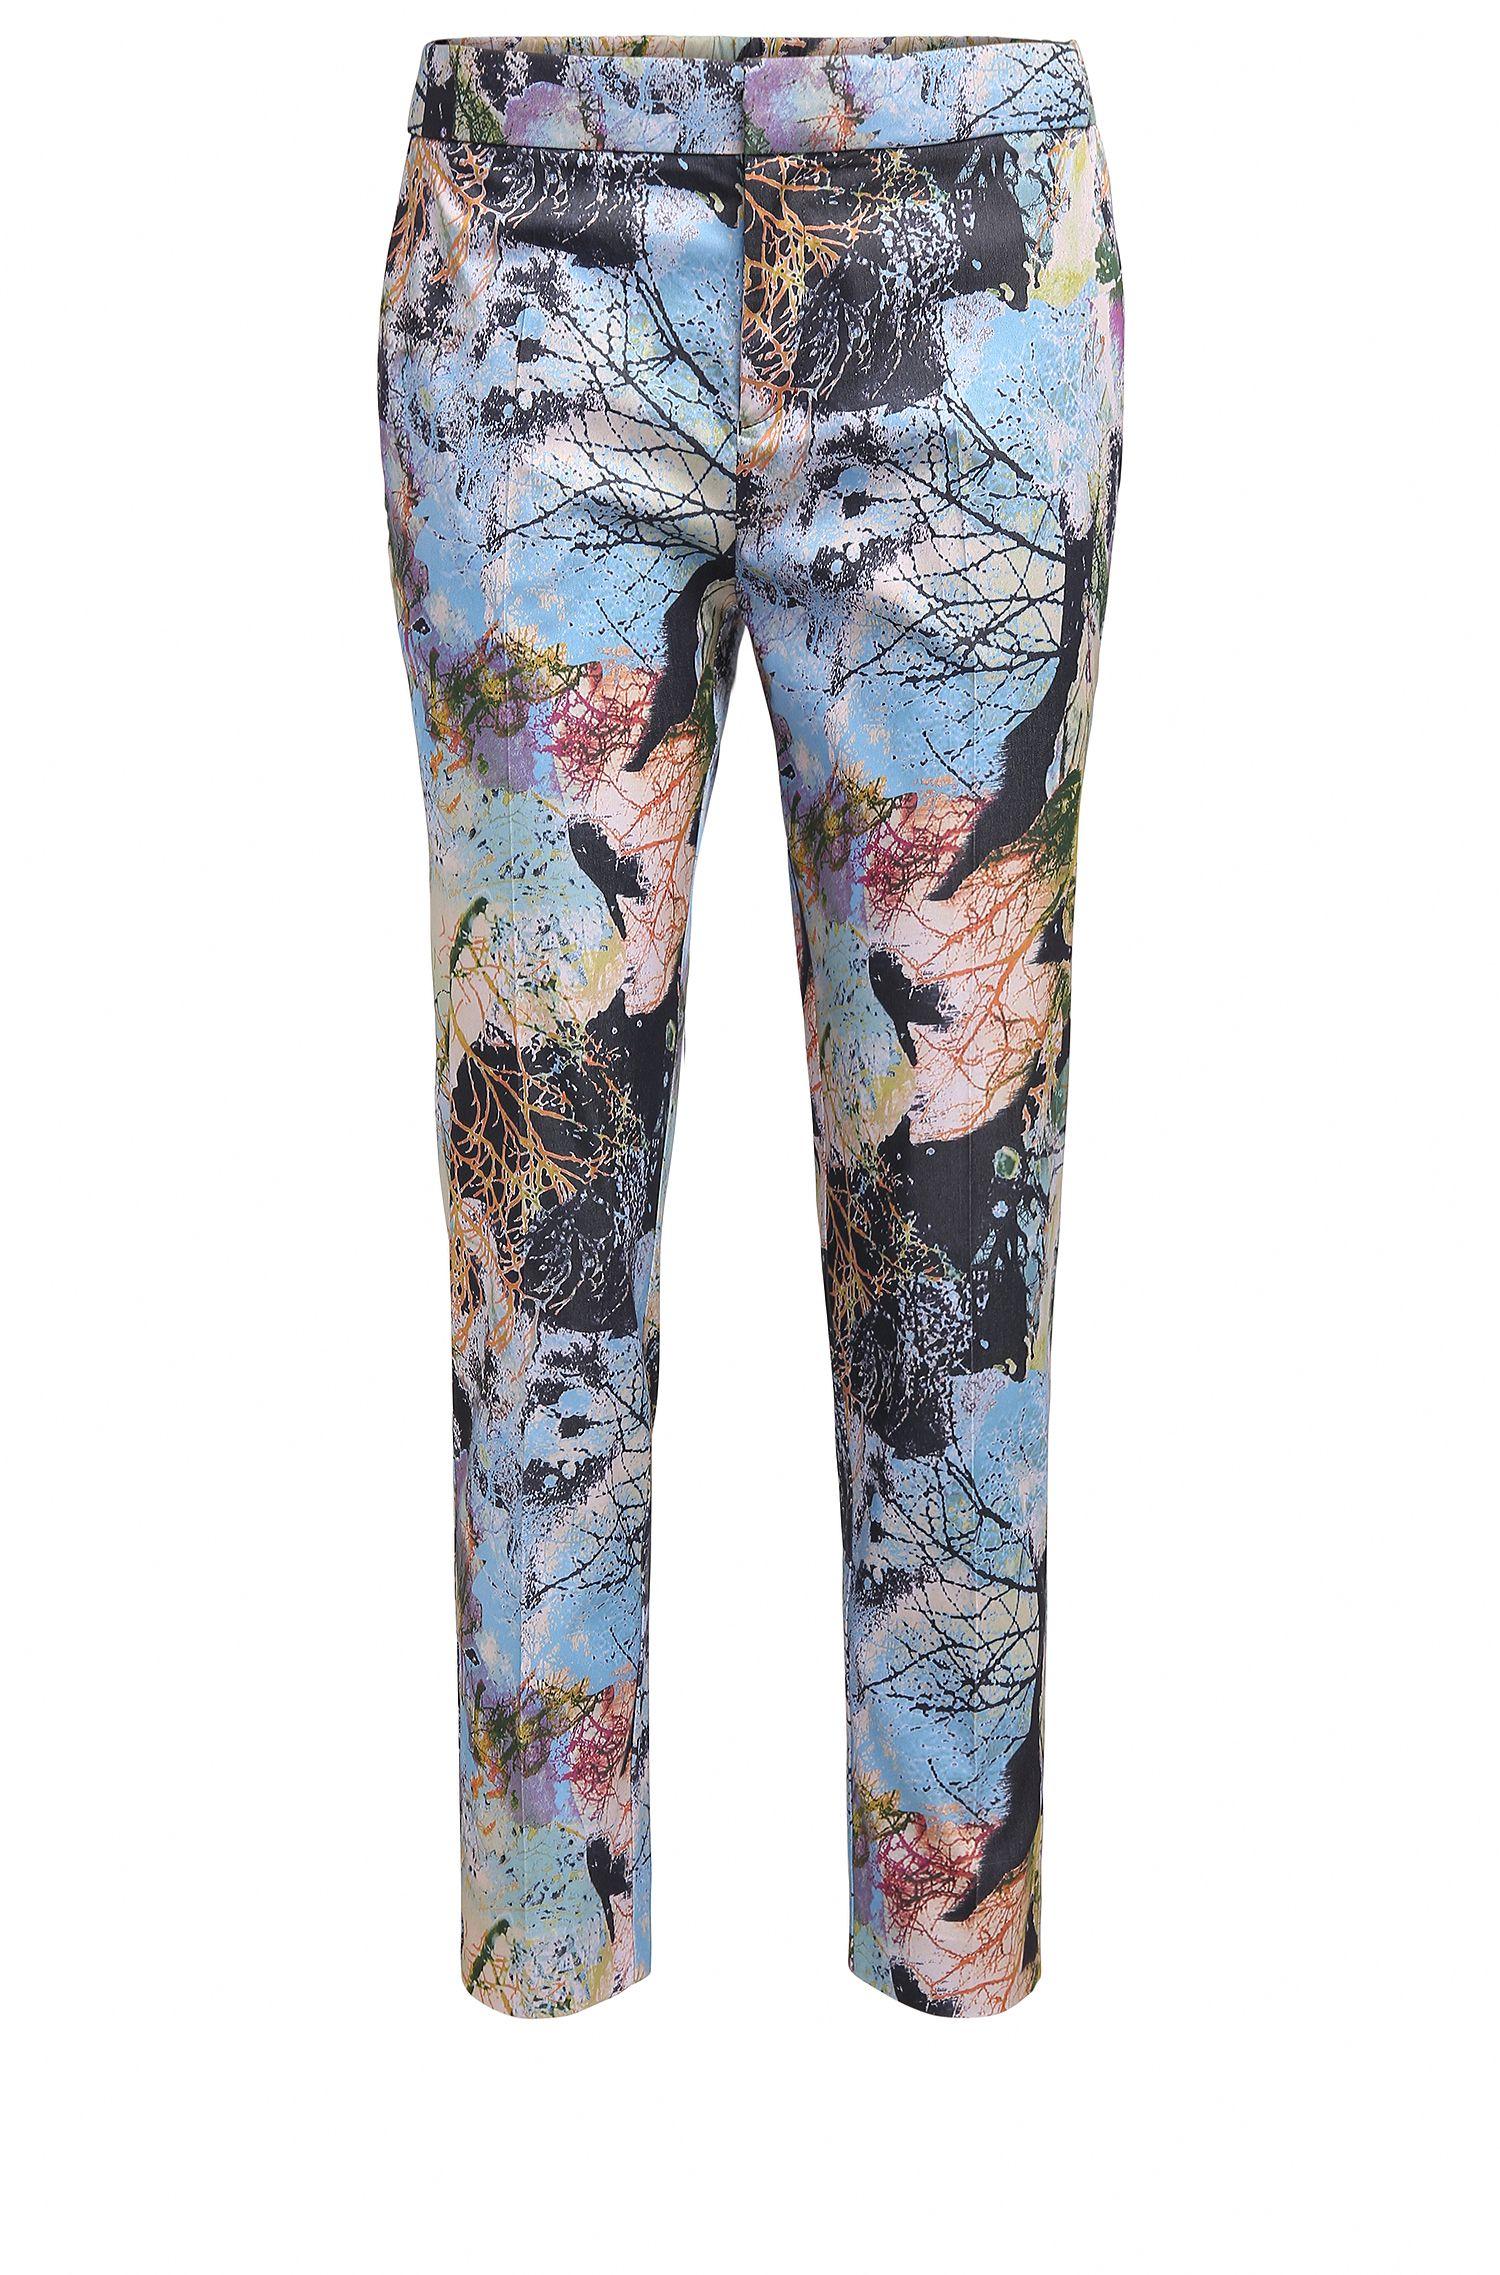 Pantalon Relaxed Fit à imprimé inspiré de la nature